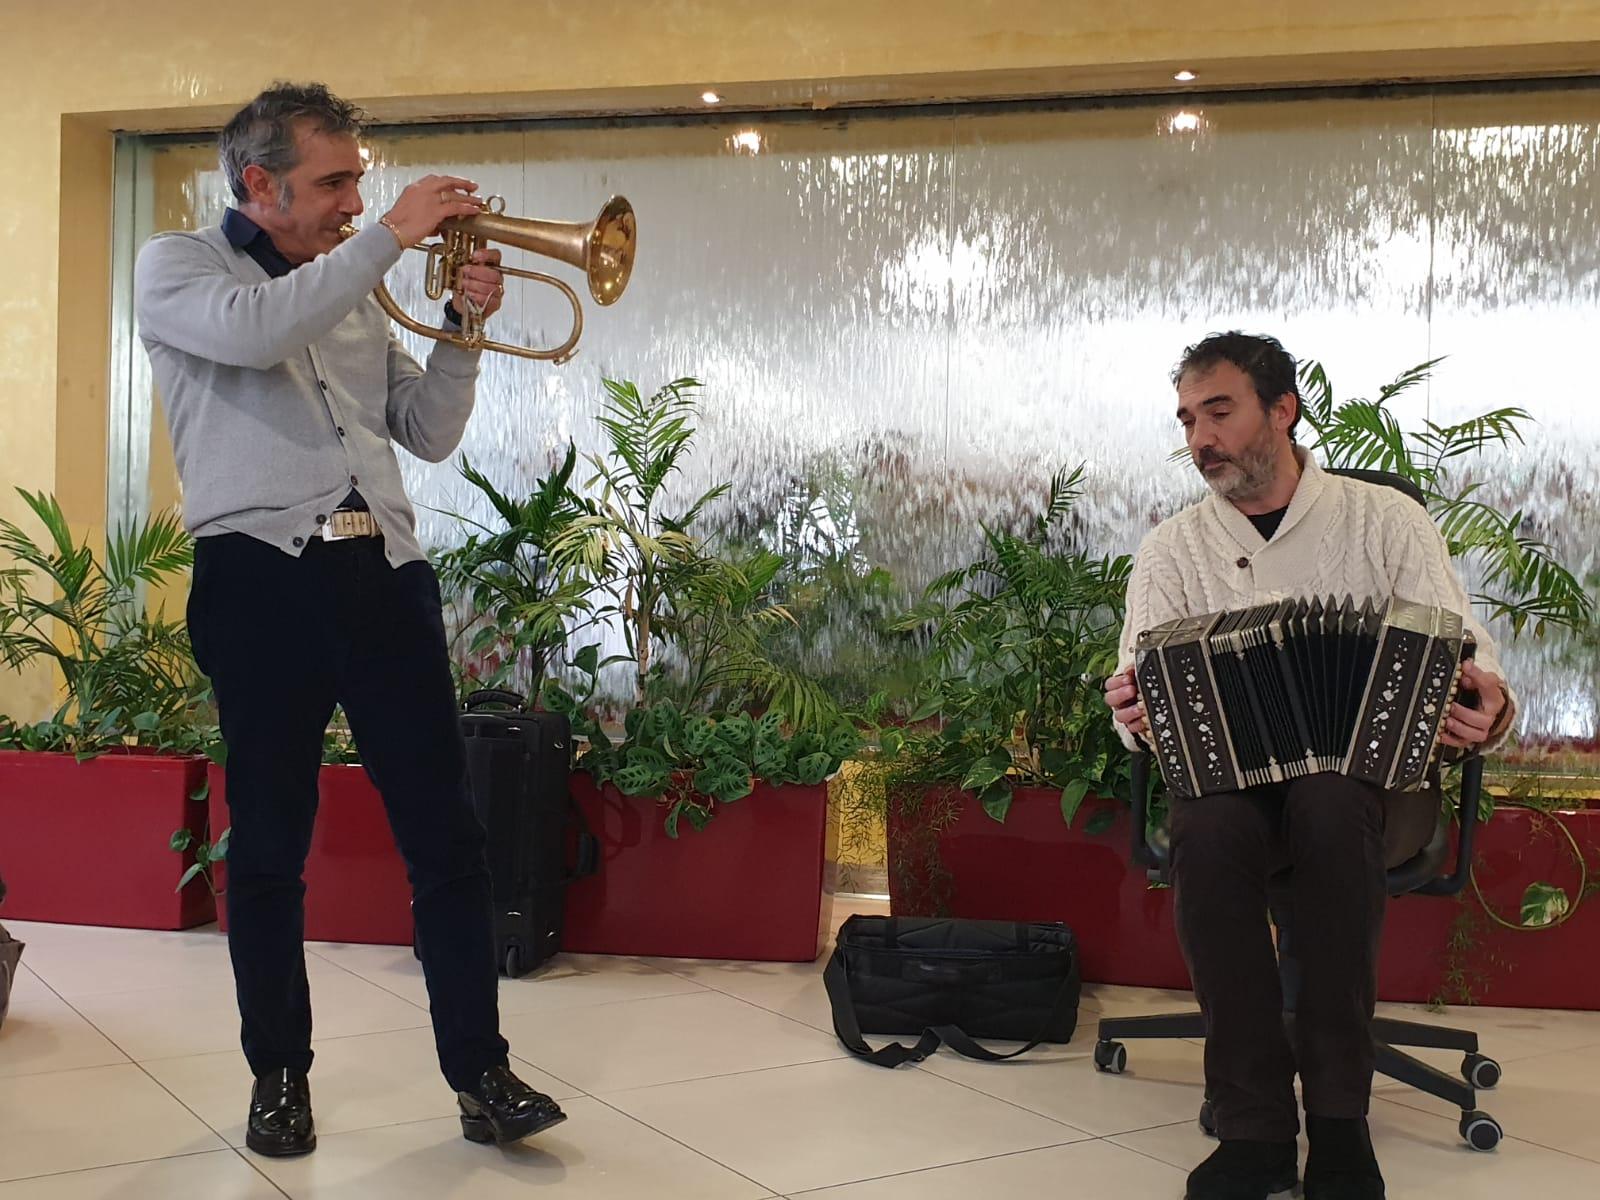 Paolo Fresu e Daniele di Bonaventura in concerto all'ospedale di Perugia _ foto di Simona Panzolini